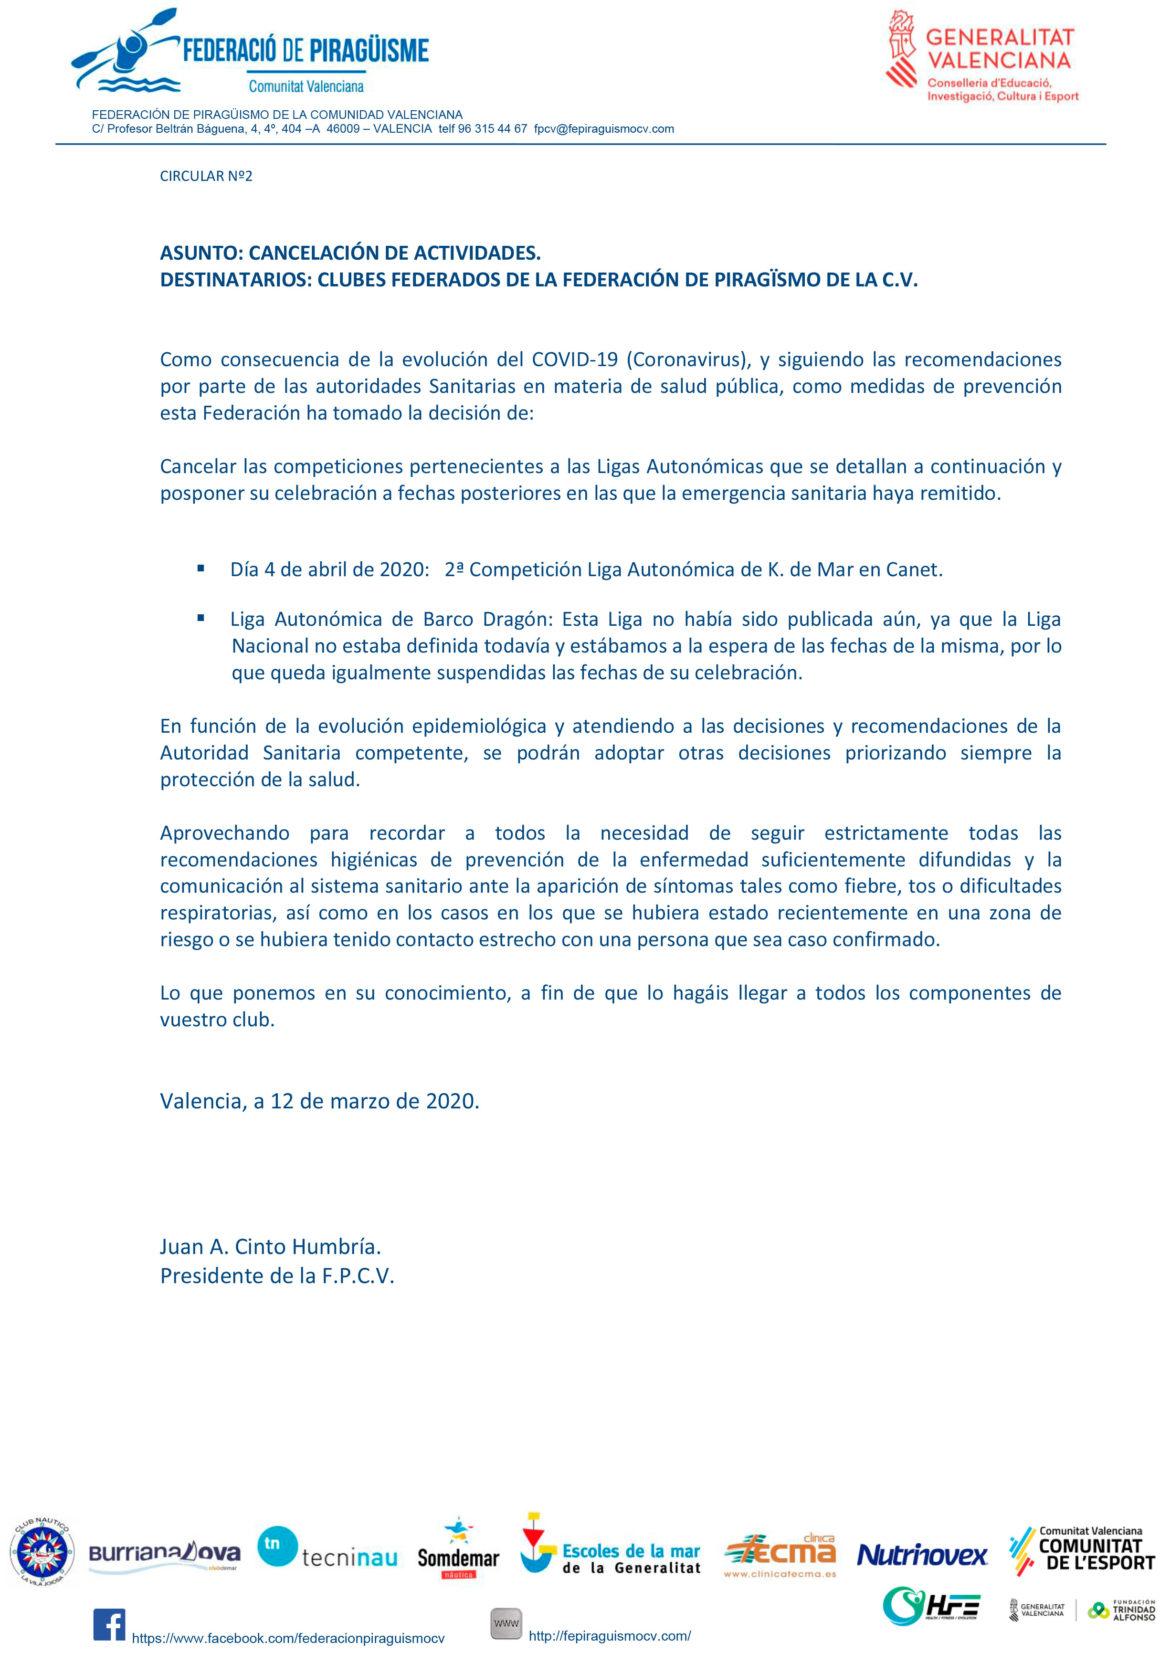 La Federación de Piragüismo de la CV aplaza todas las competiciones de los próximos días